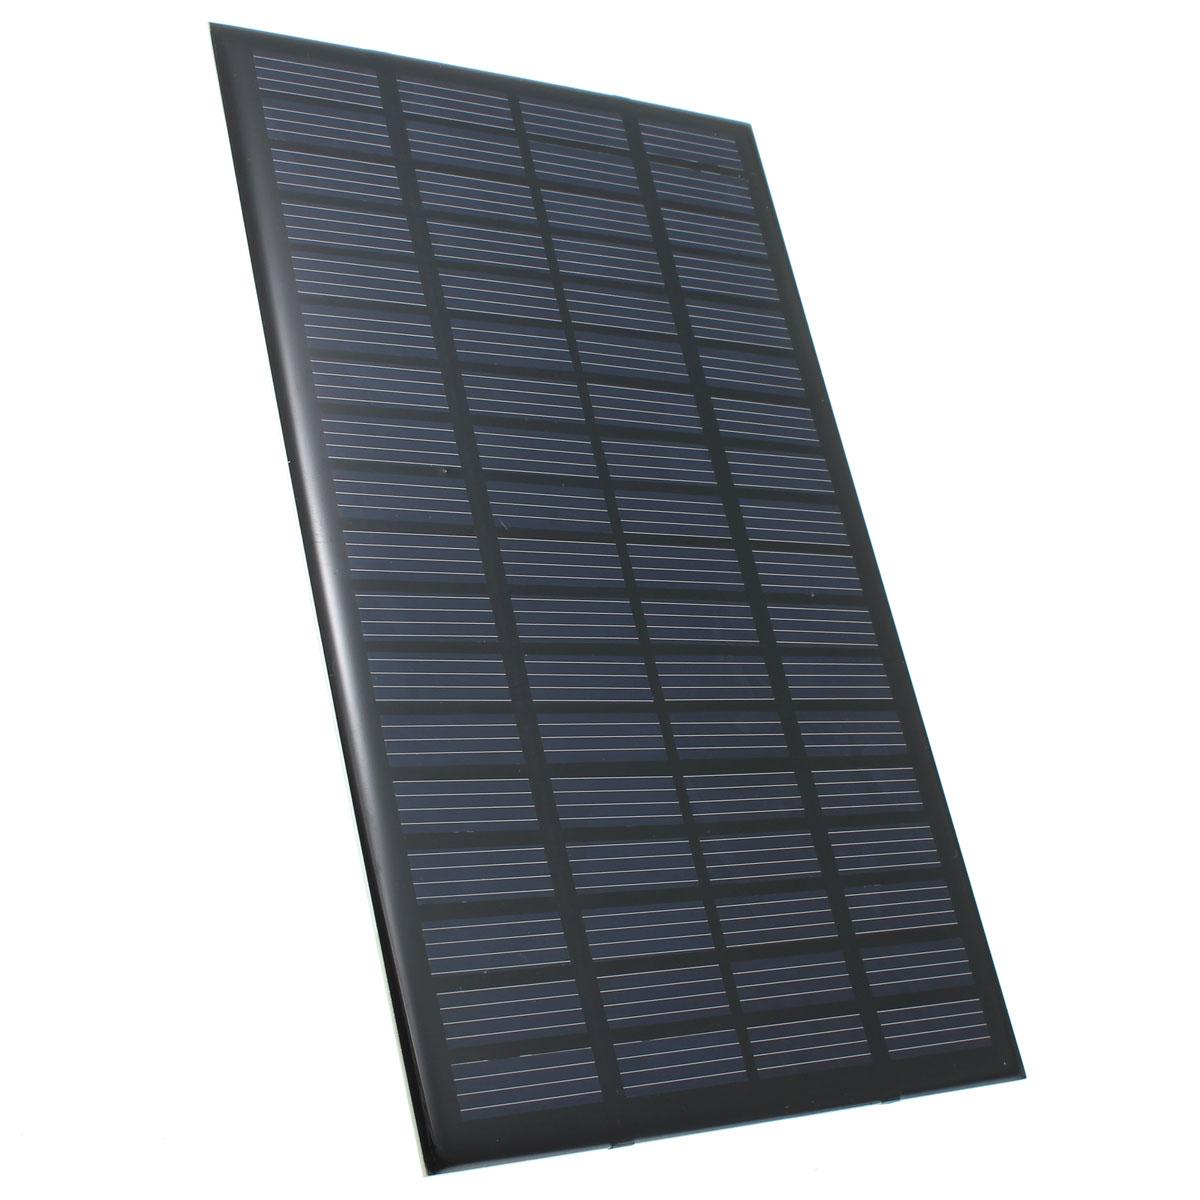 Pannello Solare Per Baita : Pannello solare w v solar panel fotovoltaico camper